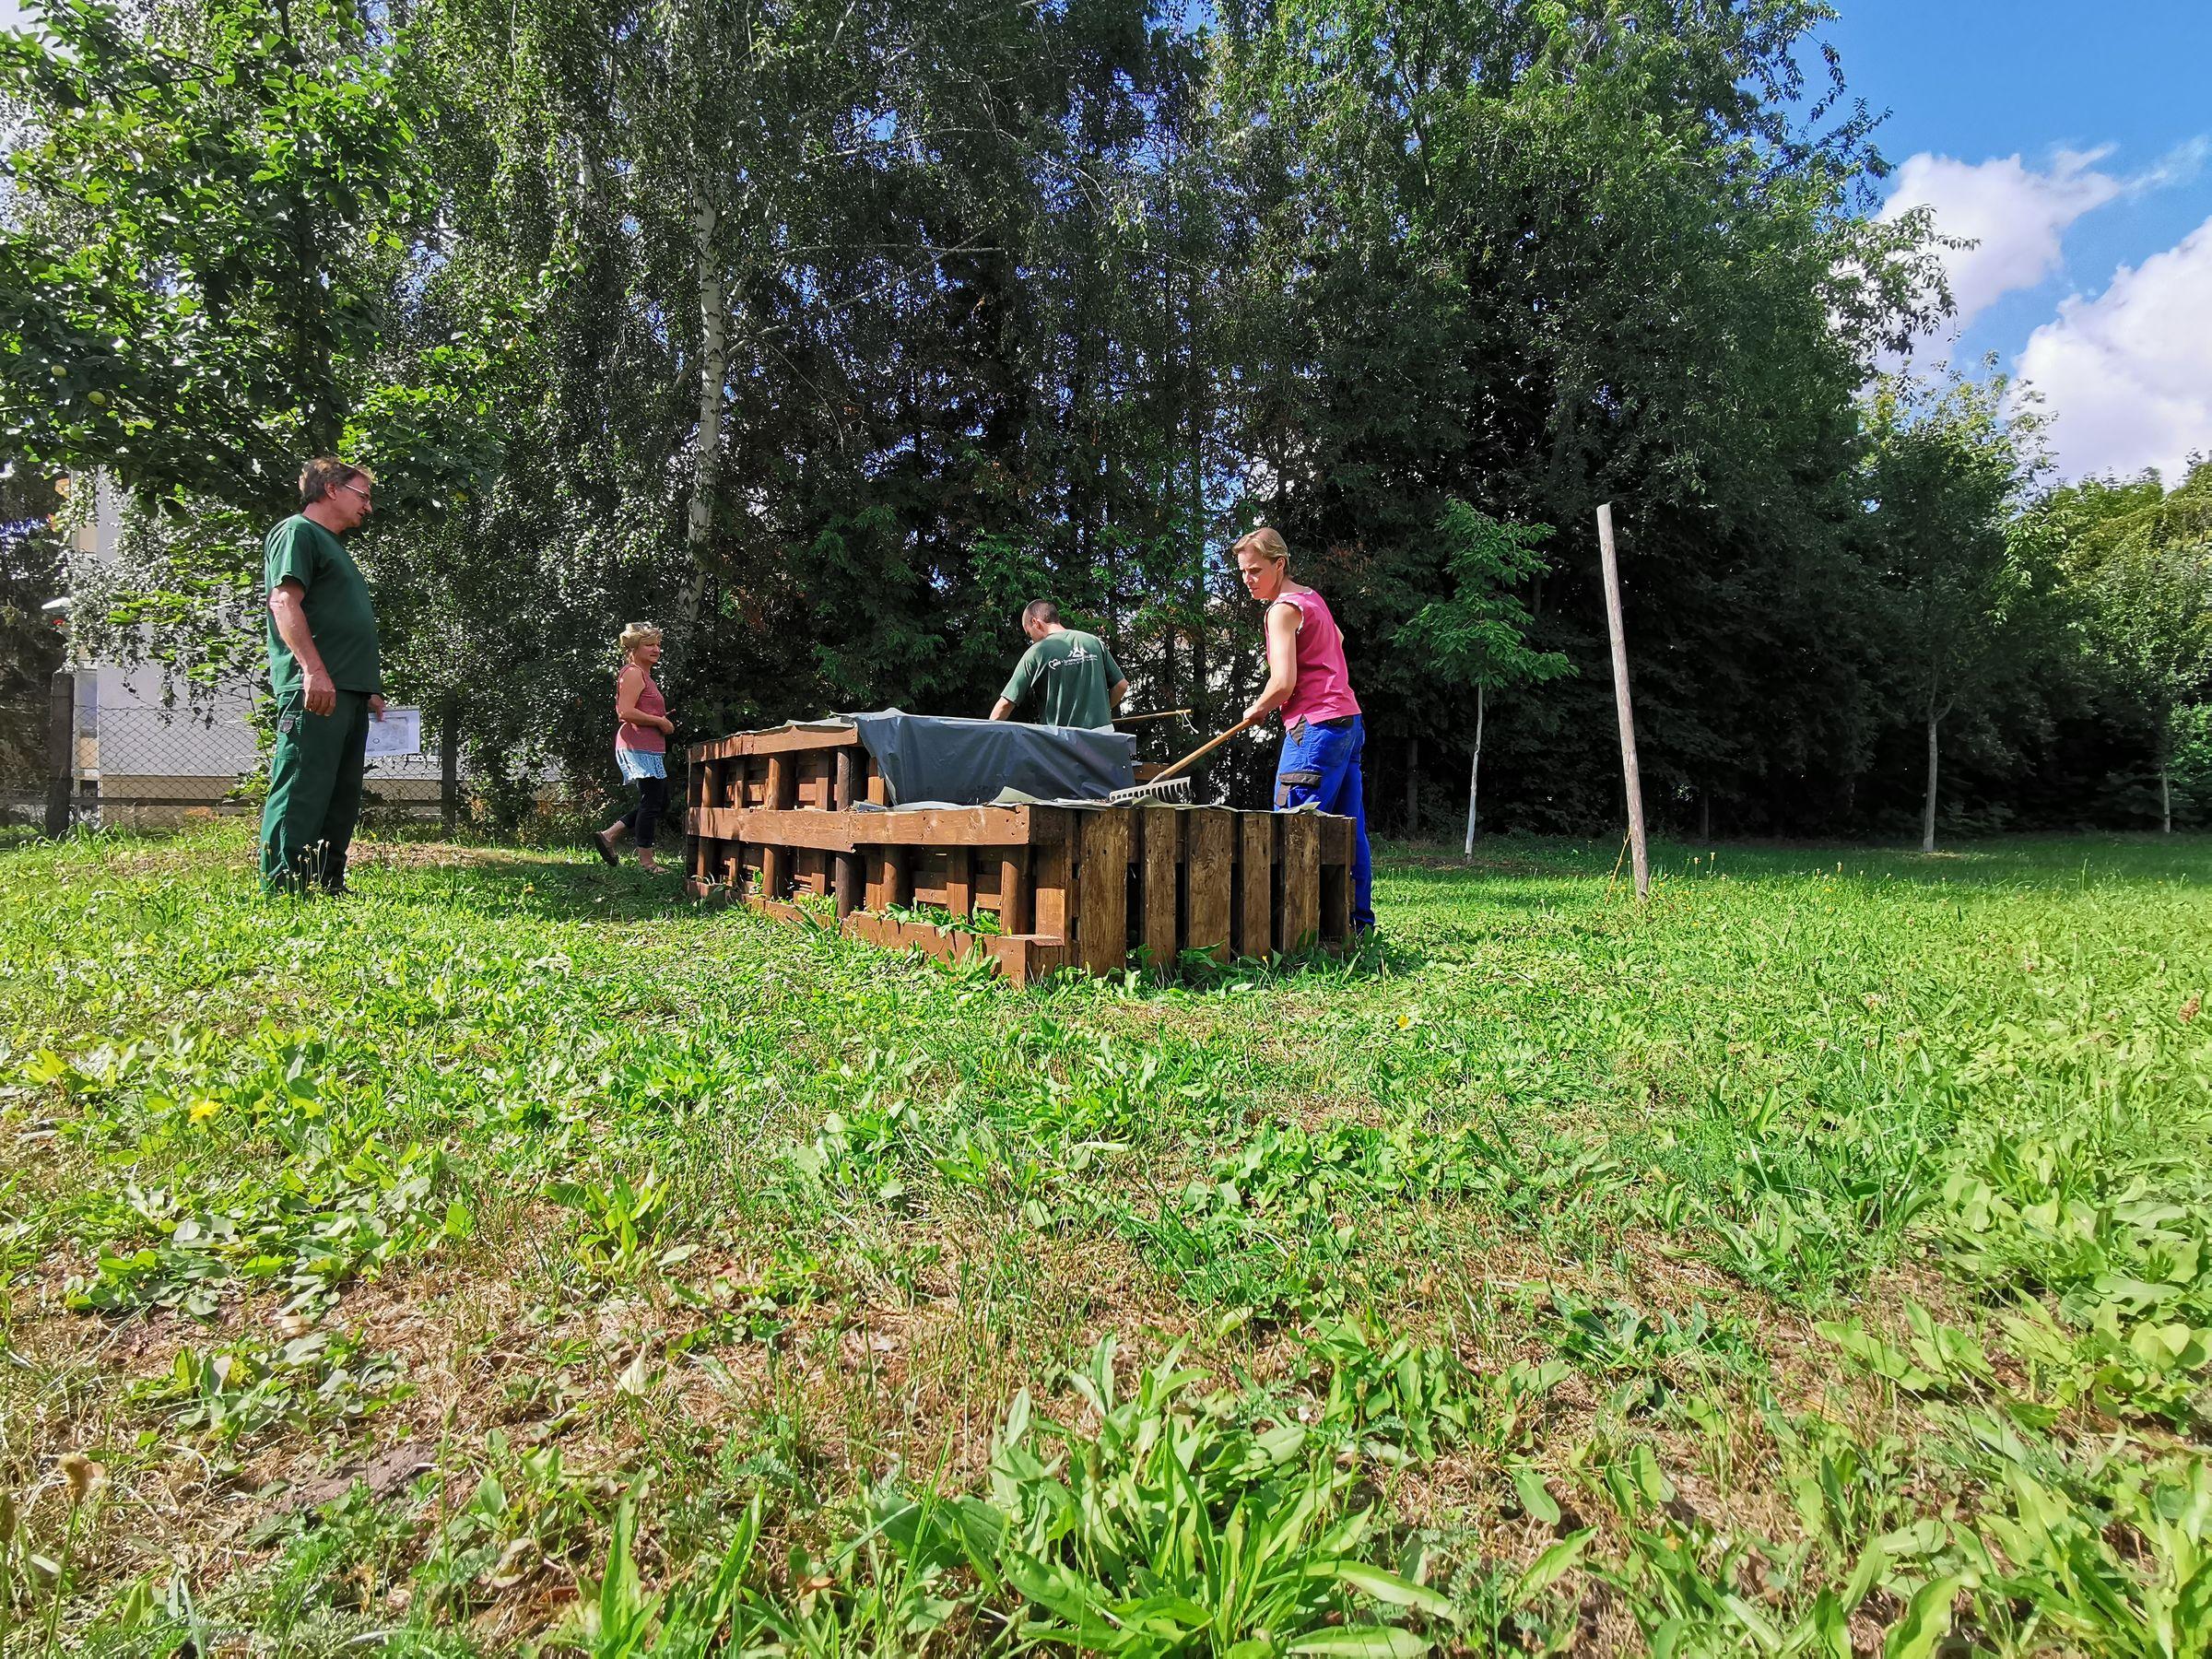 Gemeinschaftsgarten KulturENERGIE, Foto: Emma Siegert, Lizenz: LÜBBENAUBRÜCKE